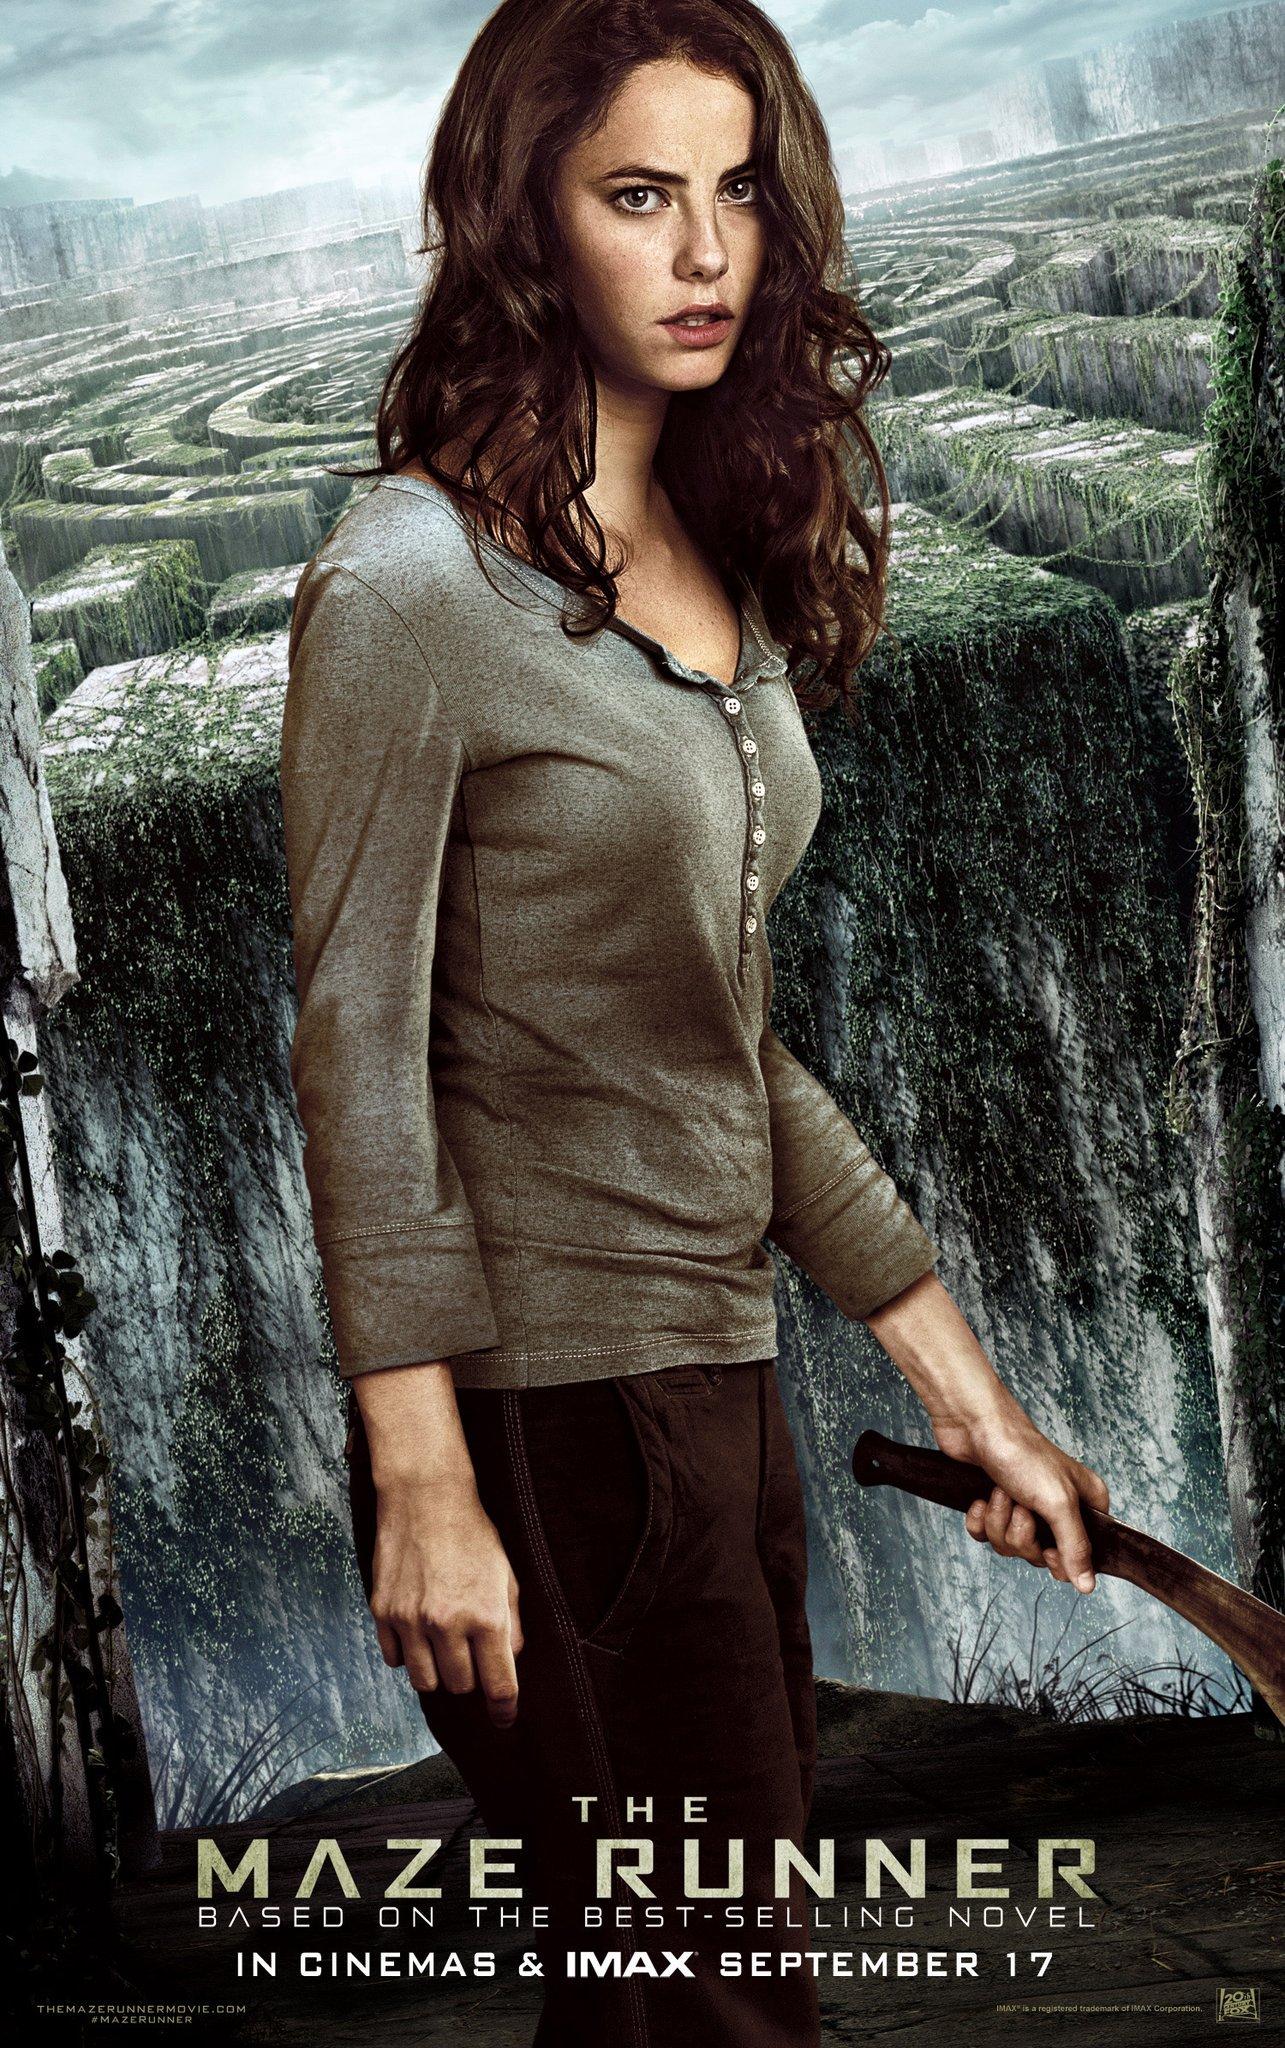 Hoy cumple 25 años la hermosa actriz Kaya Scodelario  Happy Birthday